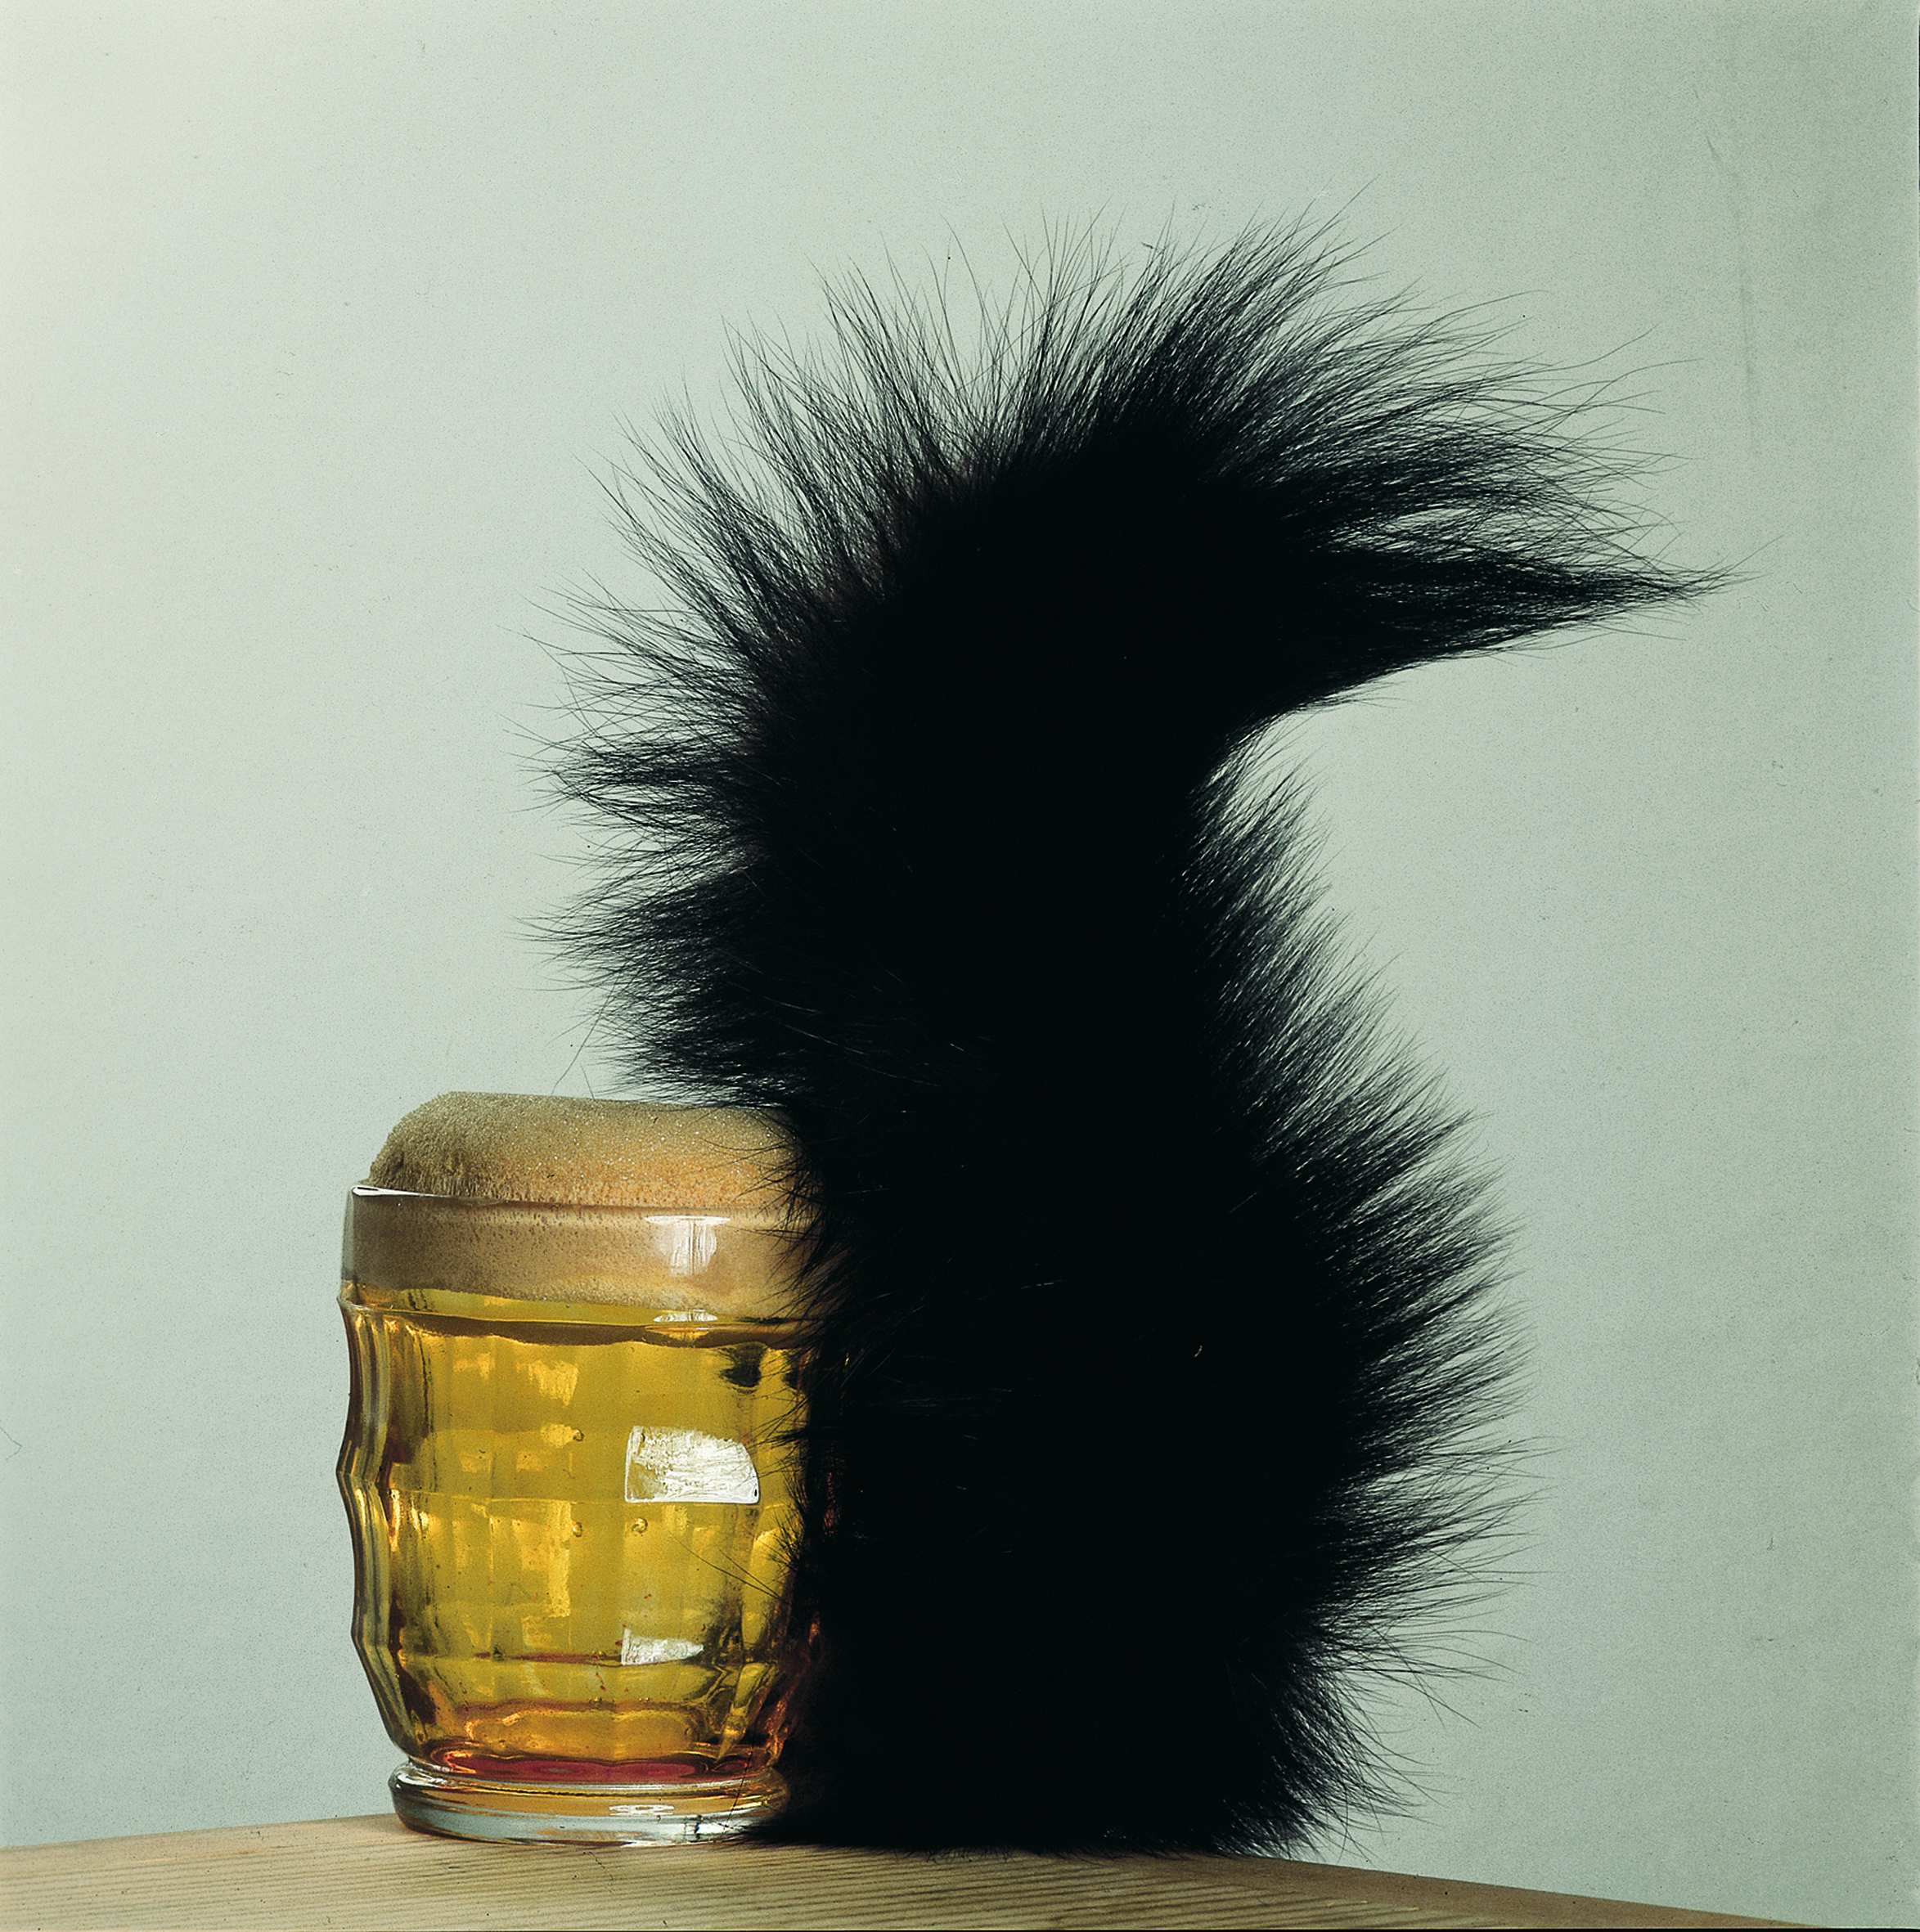 Meret Oppenheim: Eichhörnchen, 1969, Galerie LEVY, Hamburg © VG Bild Kunst, Bonn 2013